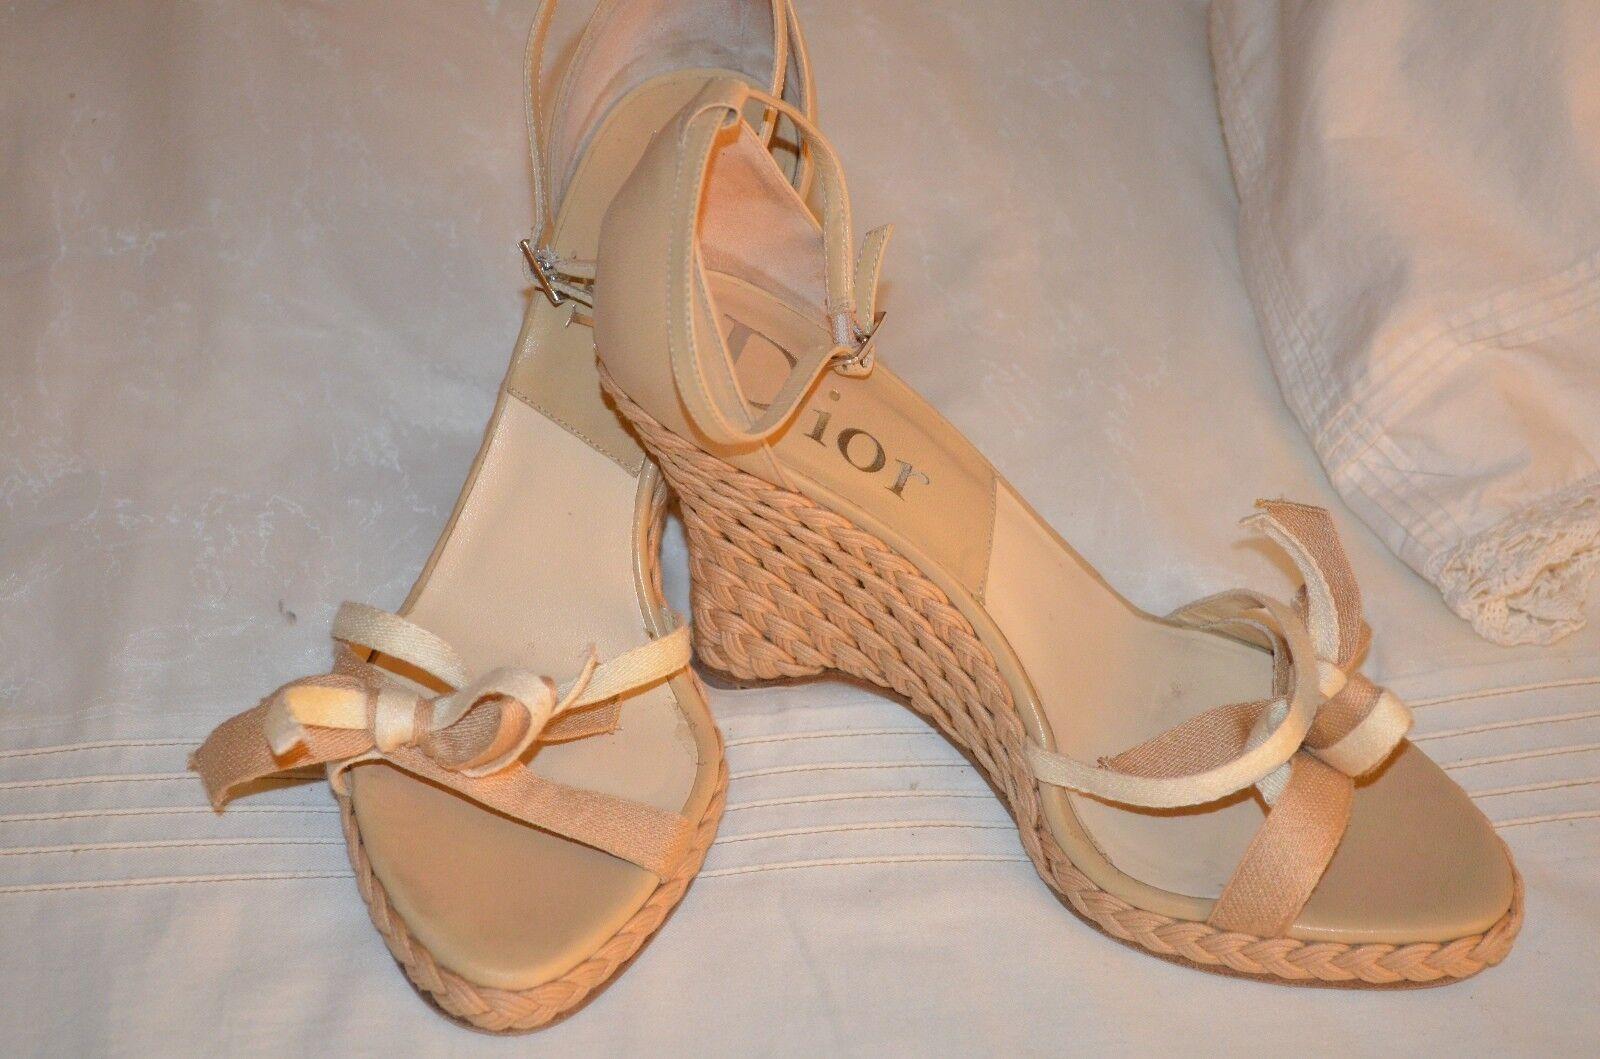 Dior Beige Corbata De Cuero Puntera Abierta Cuña Sandalias tamaño tamaño tamaño nos 8 euro 38 Hecho en Italia  60% de descuento